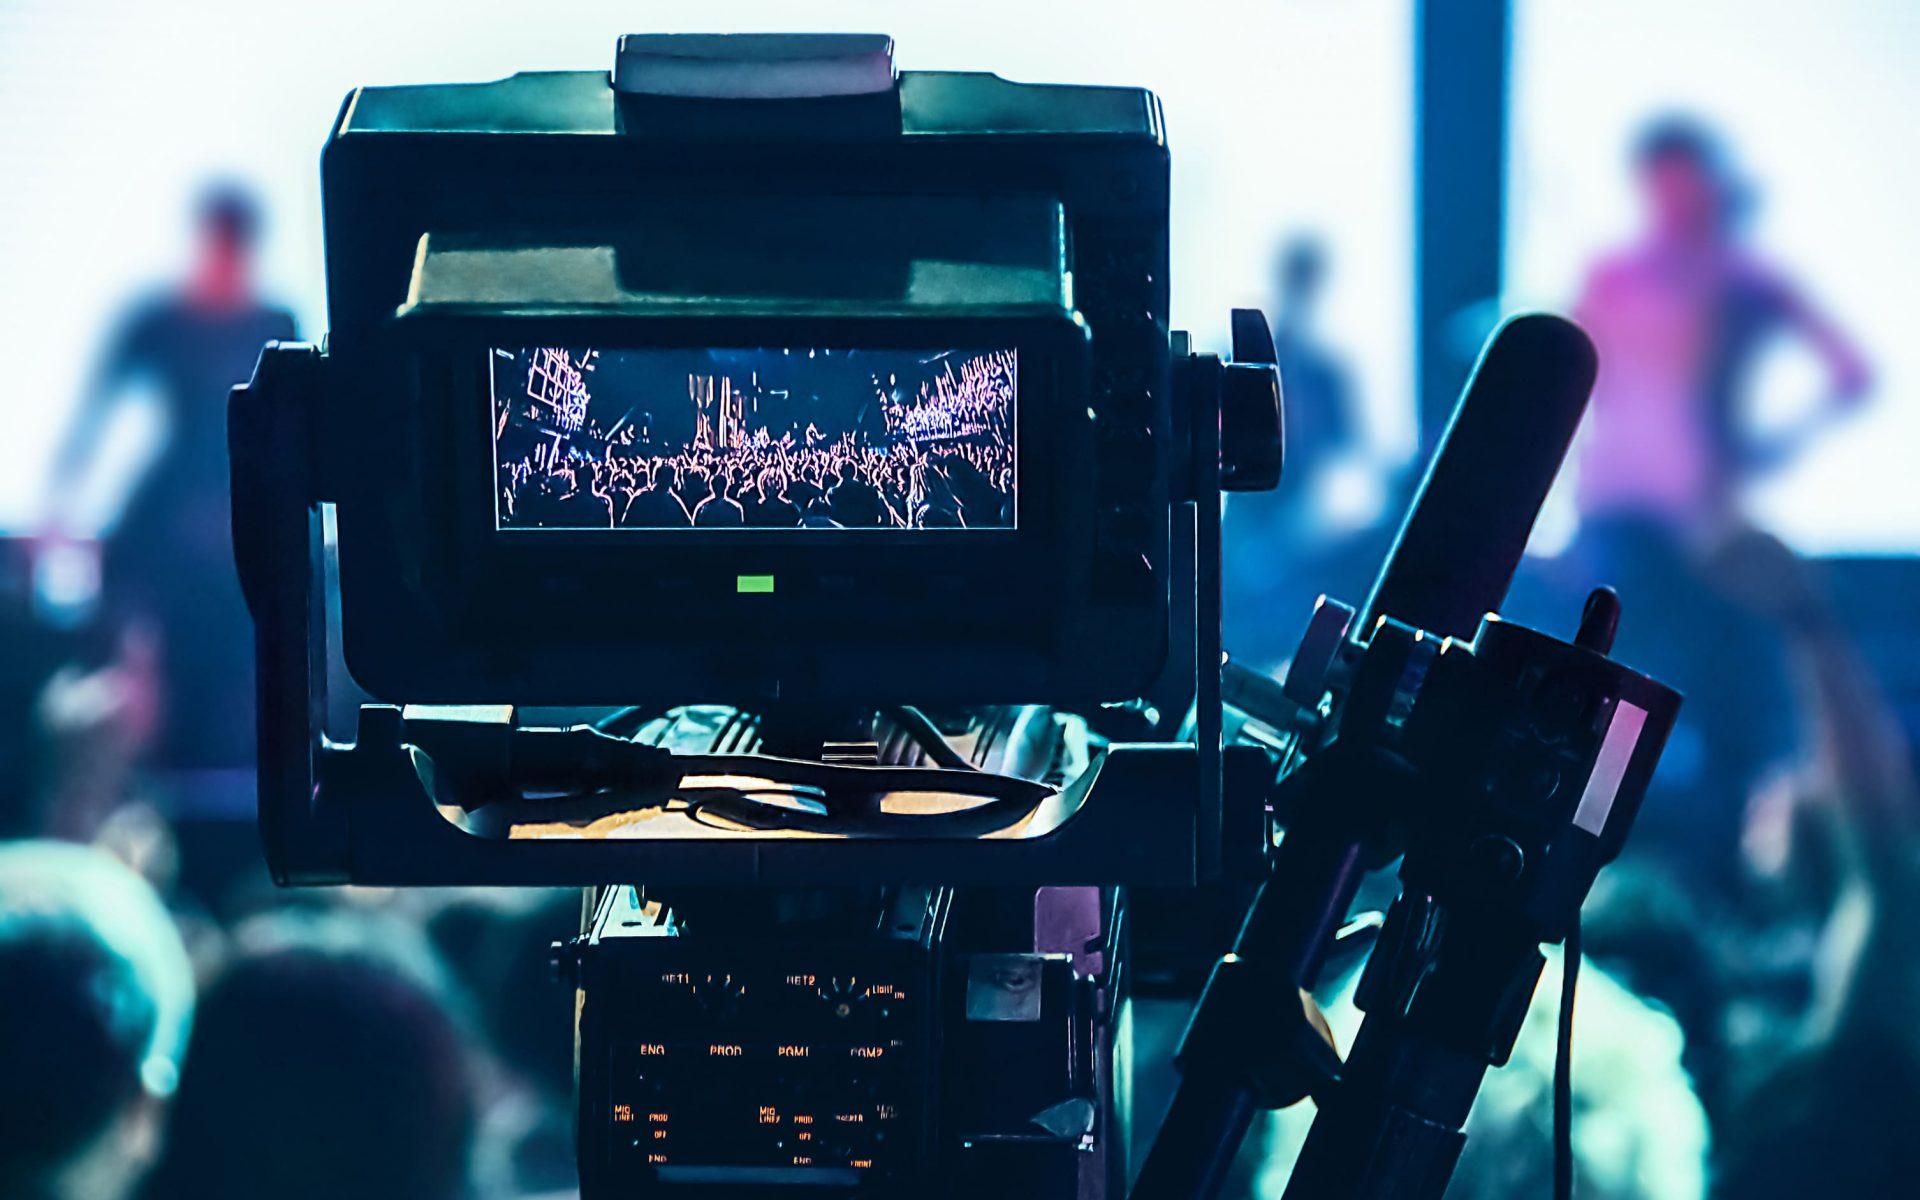 transmissao-ao-vivo-equipamento-gravacao-alta-qualidade-evento